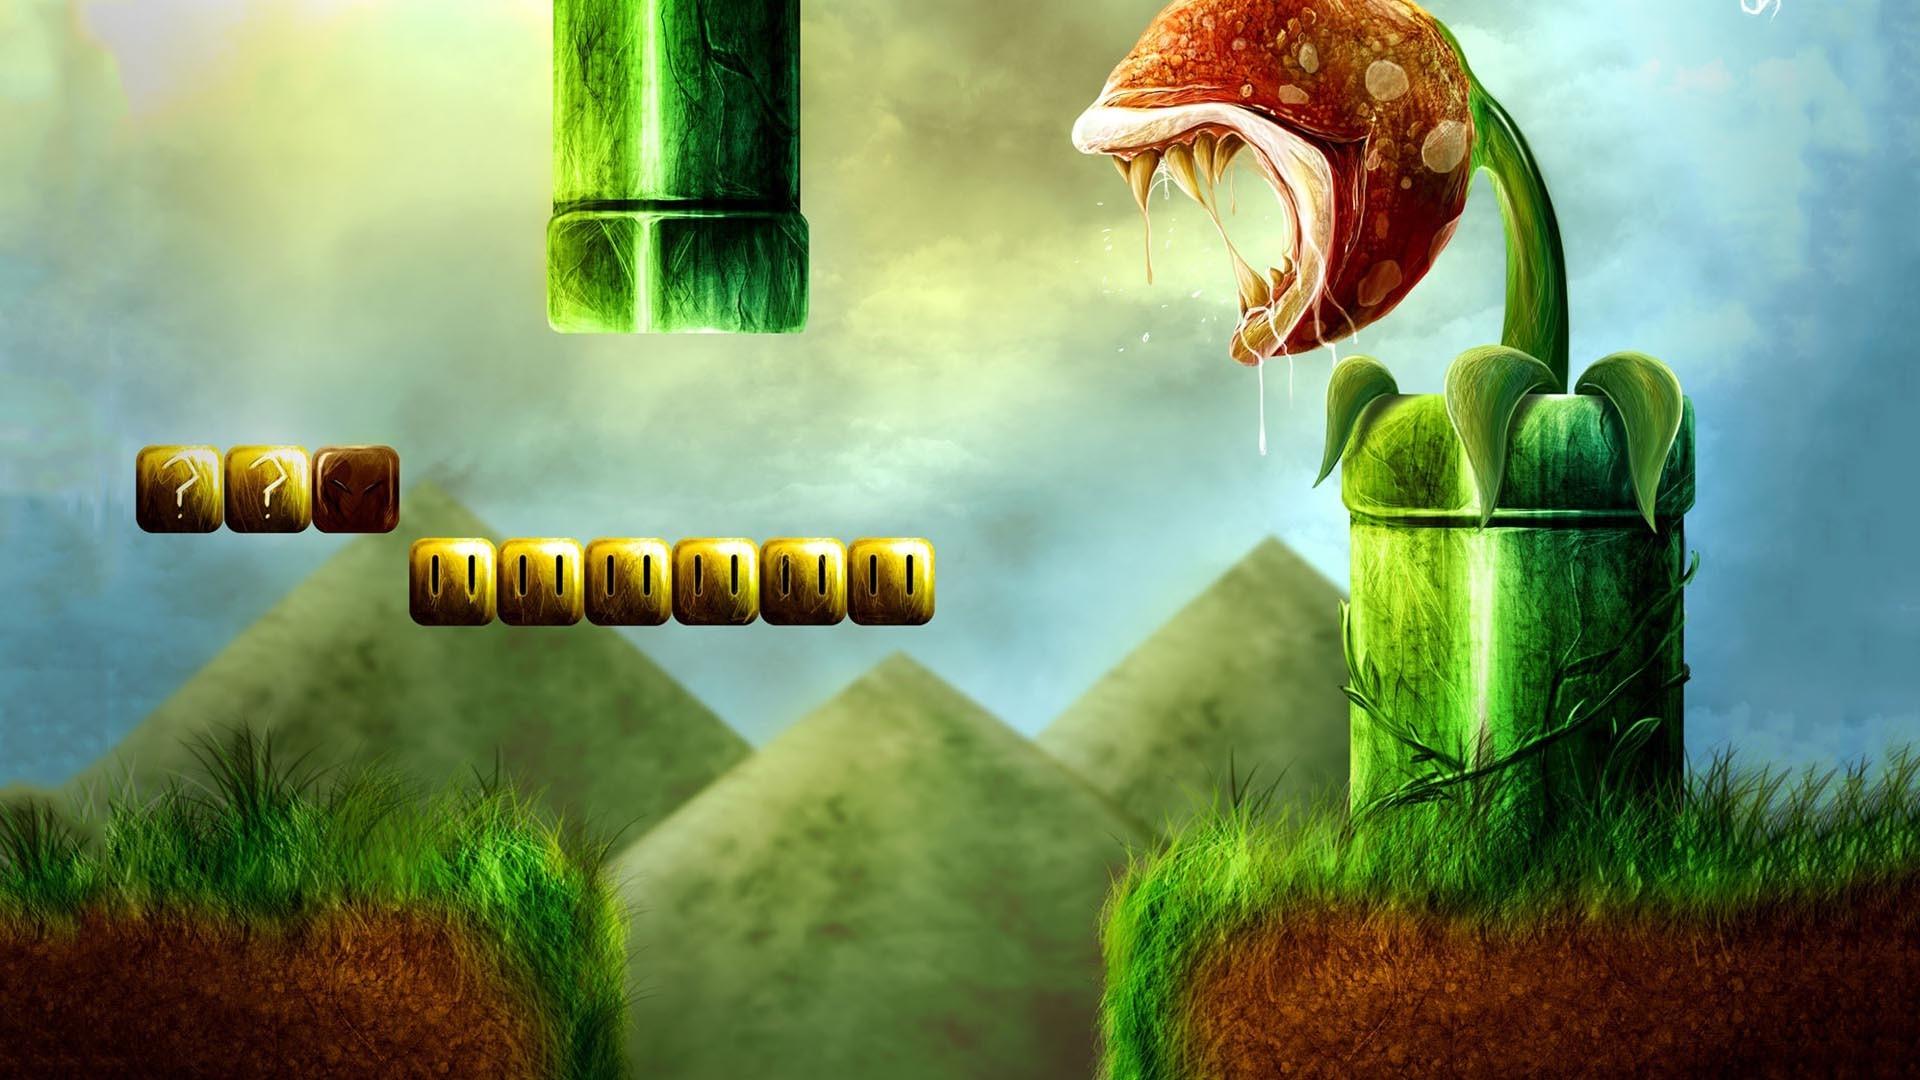 Super Mario Wallpaper Hd 219012